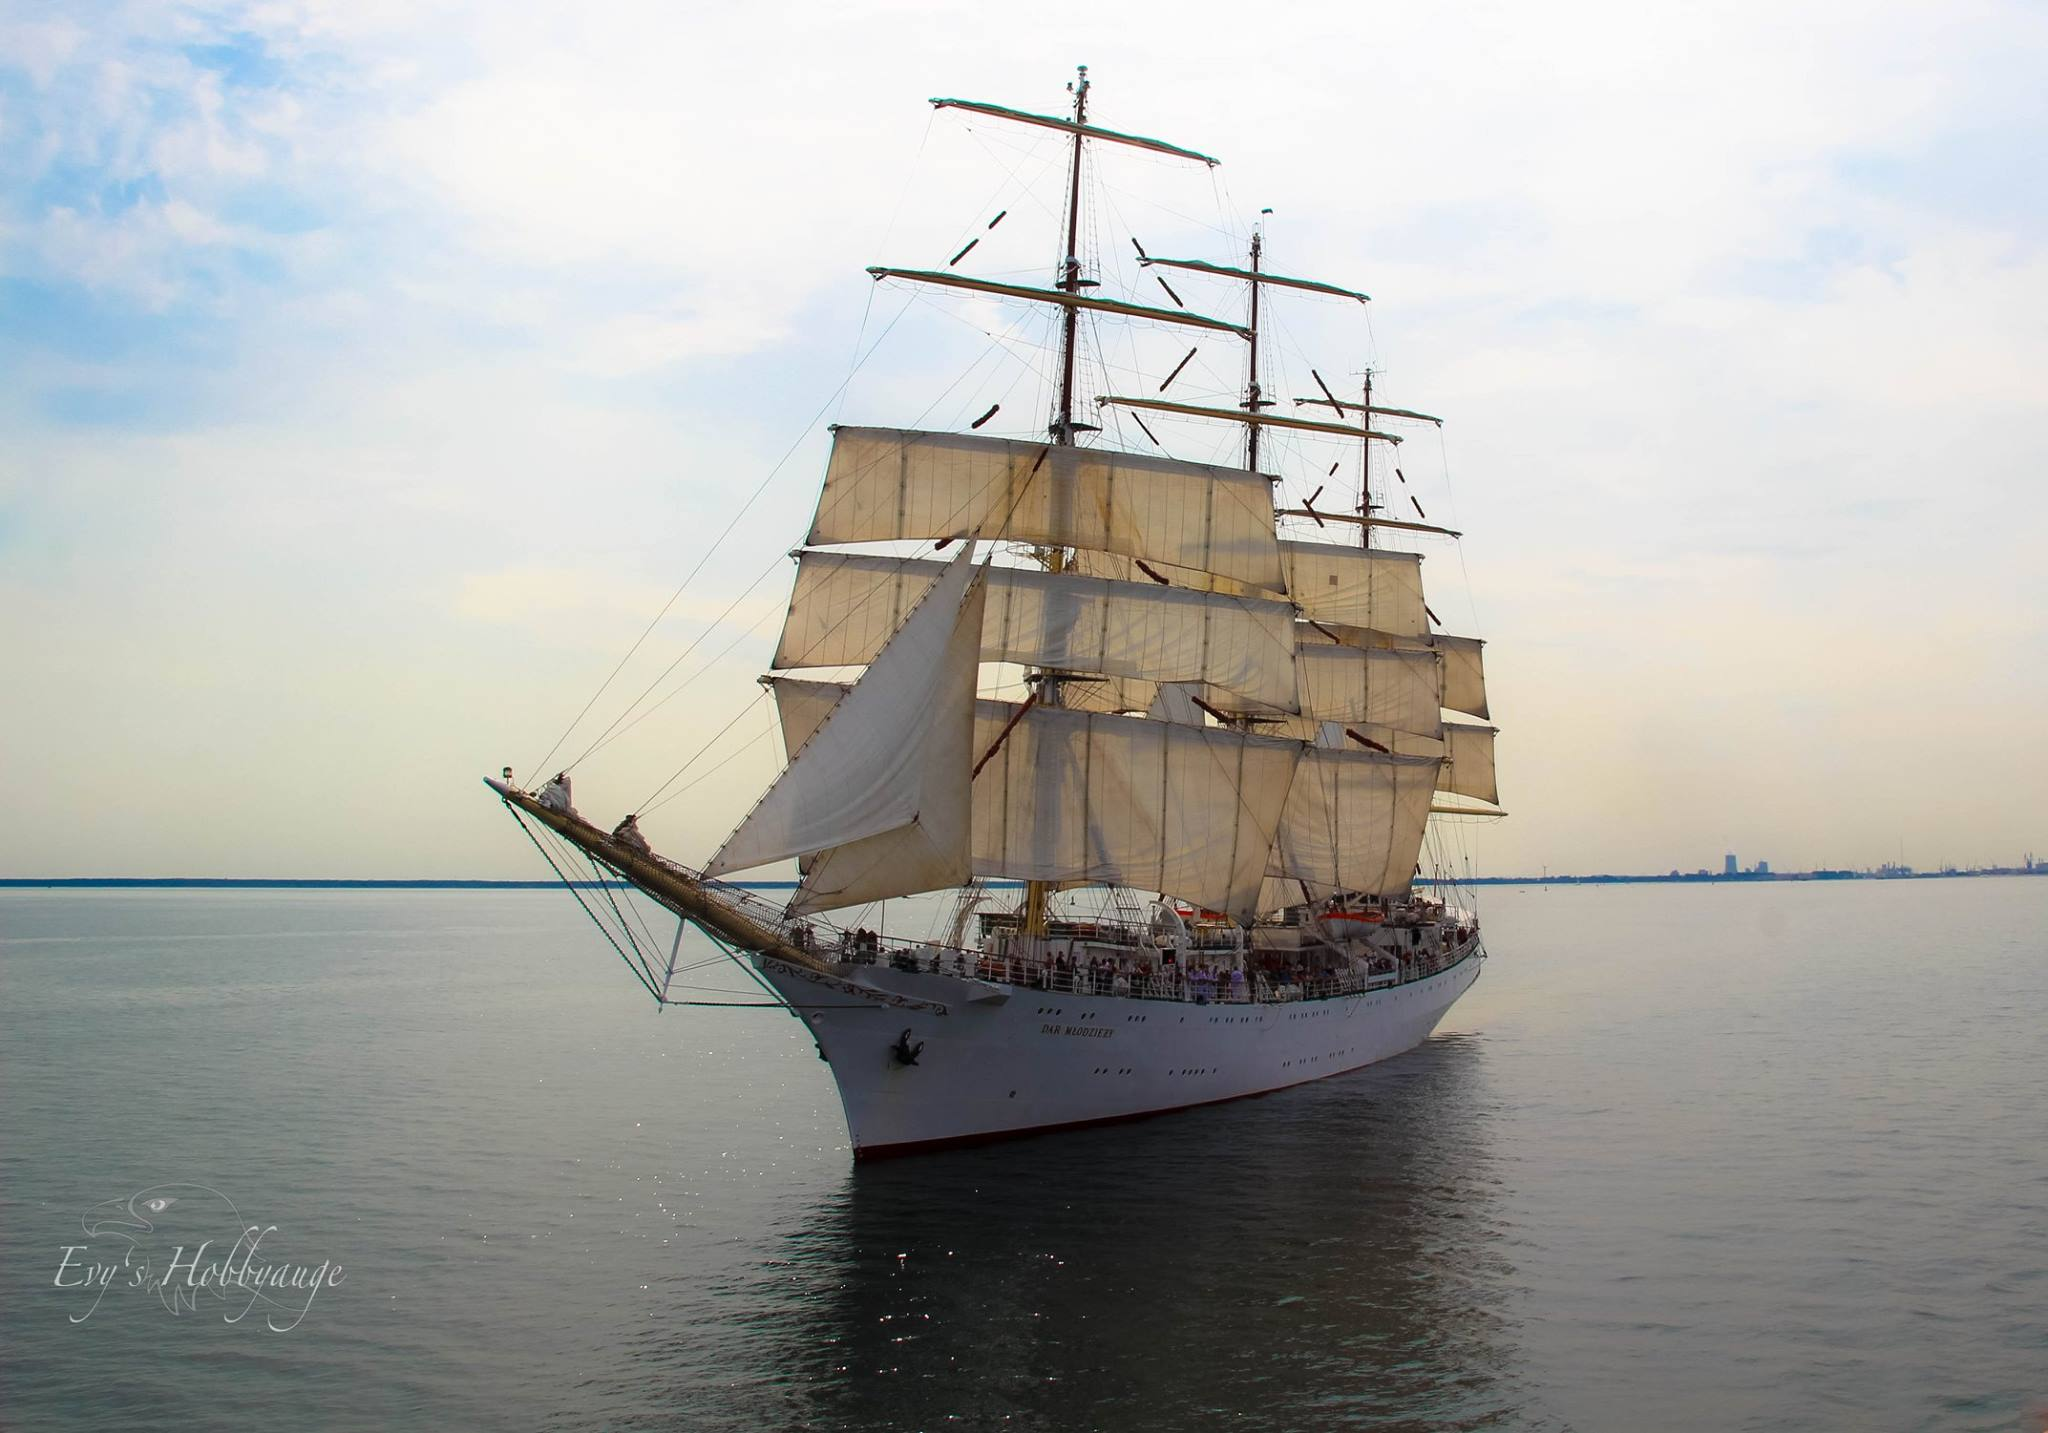 Foto zur 24. Hanse Sail 2014 von Evys Hobbyauge